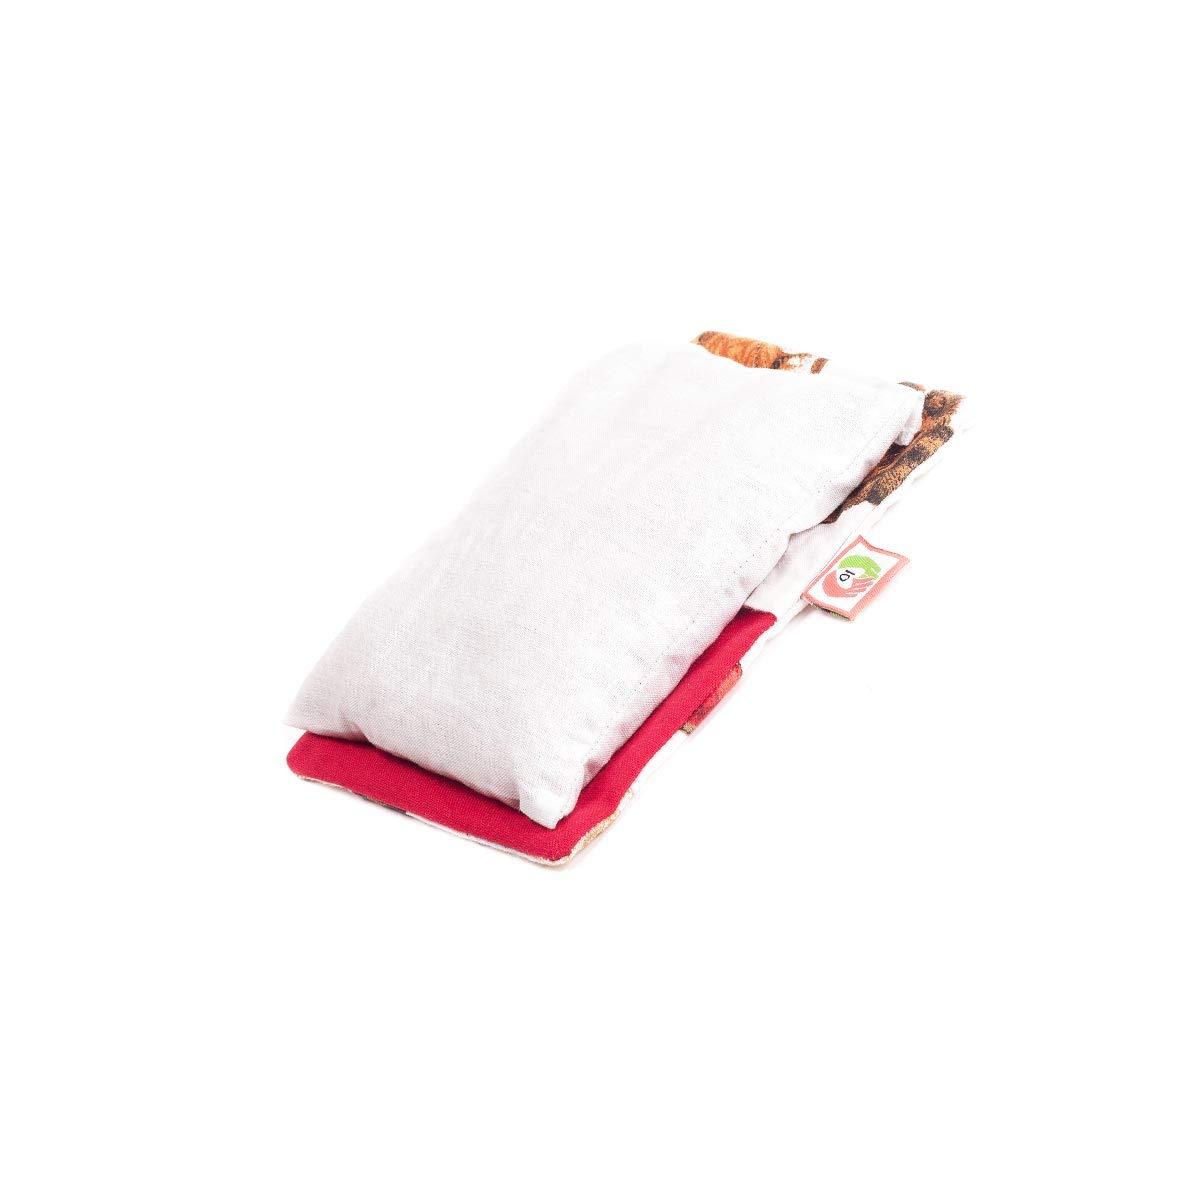 36b83d6d9c Cuscino termico anticolica di neonati (15x10 cm) con semi di grano e fiori  di lavanda, riscaldabile al microonde con federa esterna rimovible e  lavabile in ...